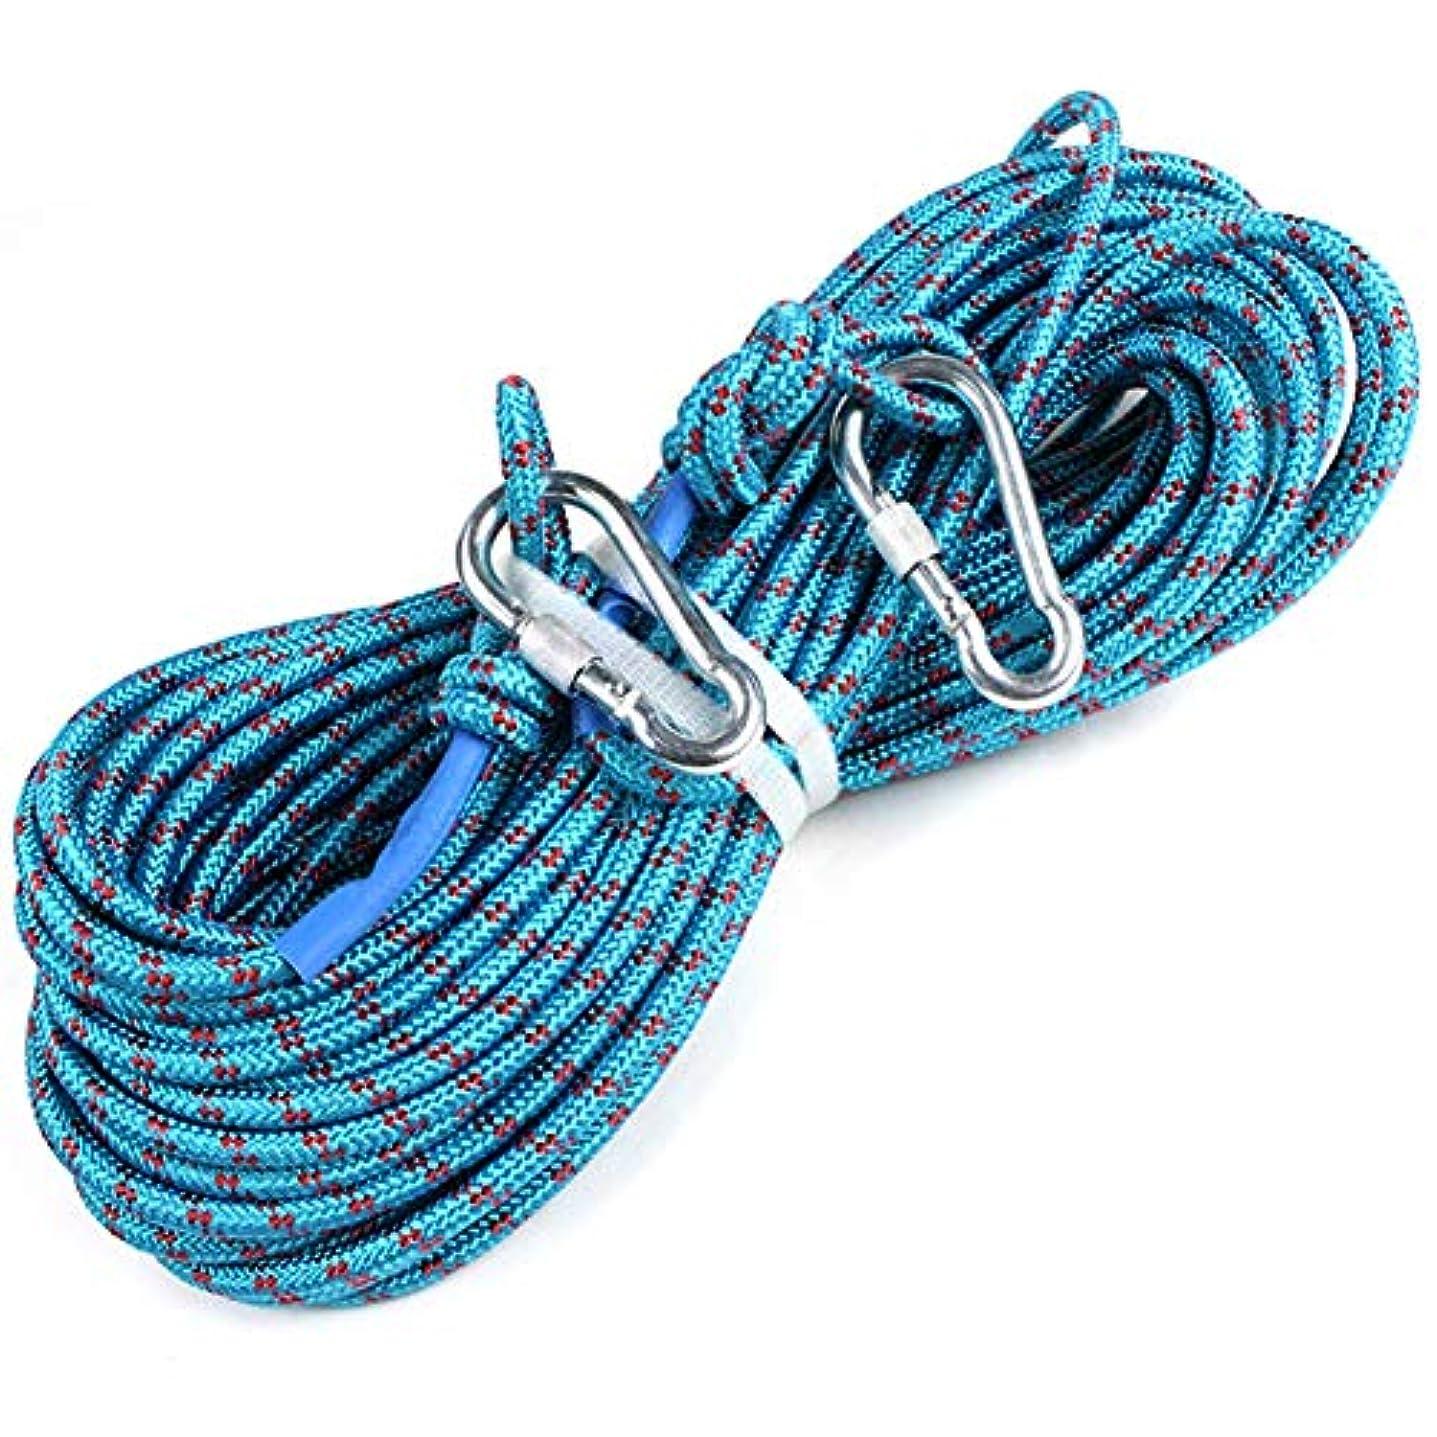 固有のインシデント検出器屋外ロッククライミングロープ、8ミリメートル直径安全ロープ高強度サバイバルハイキングアクセサリーロープポリエステル耐摩耗性編組ロープ